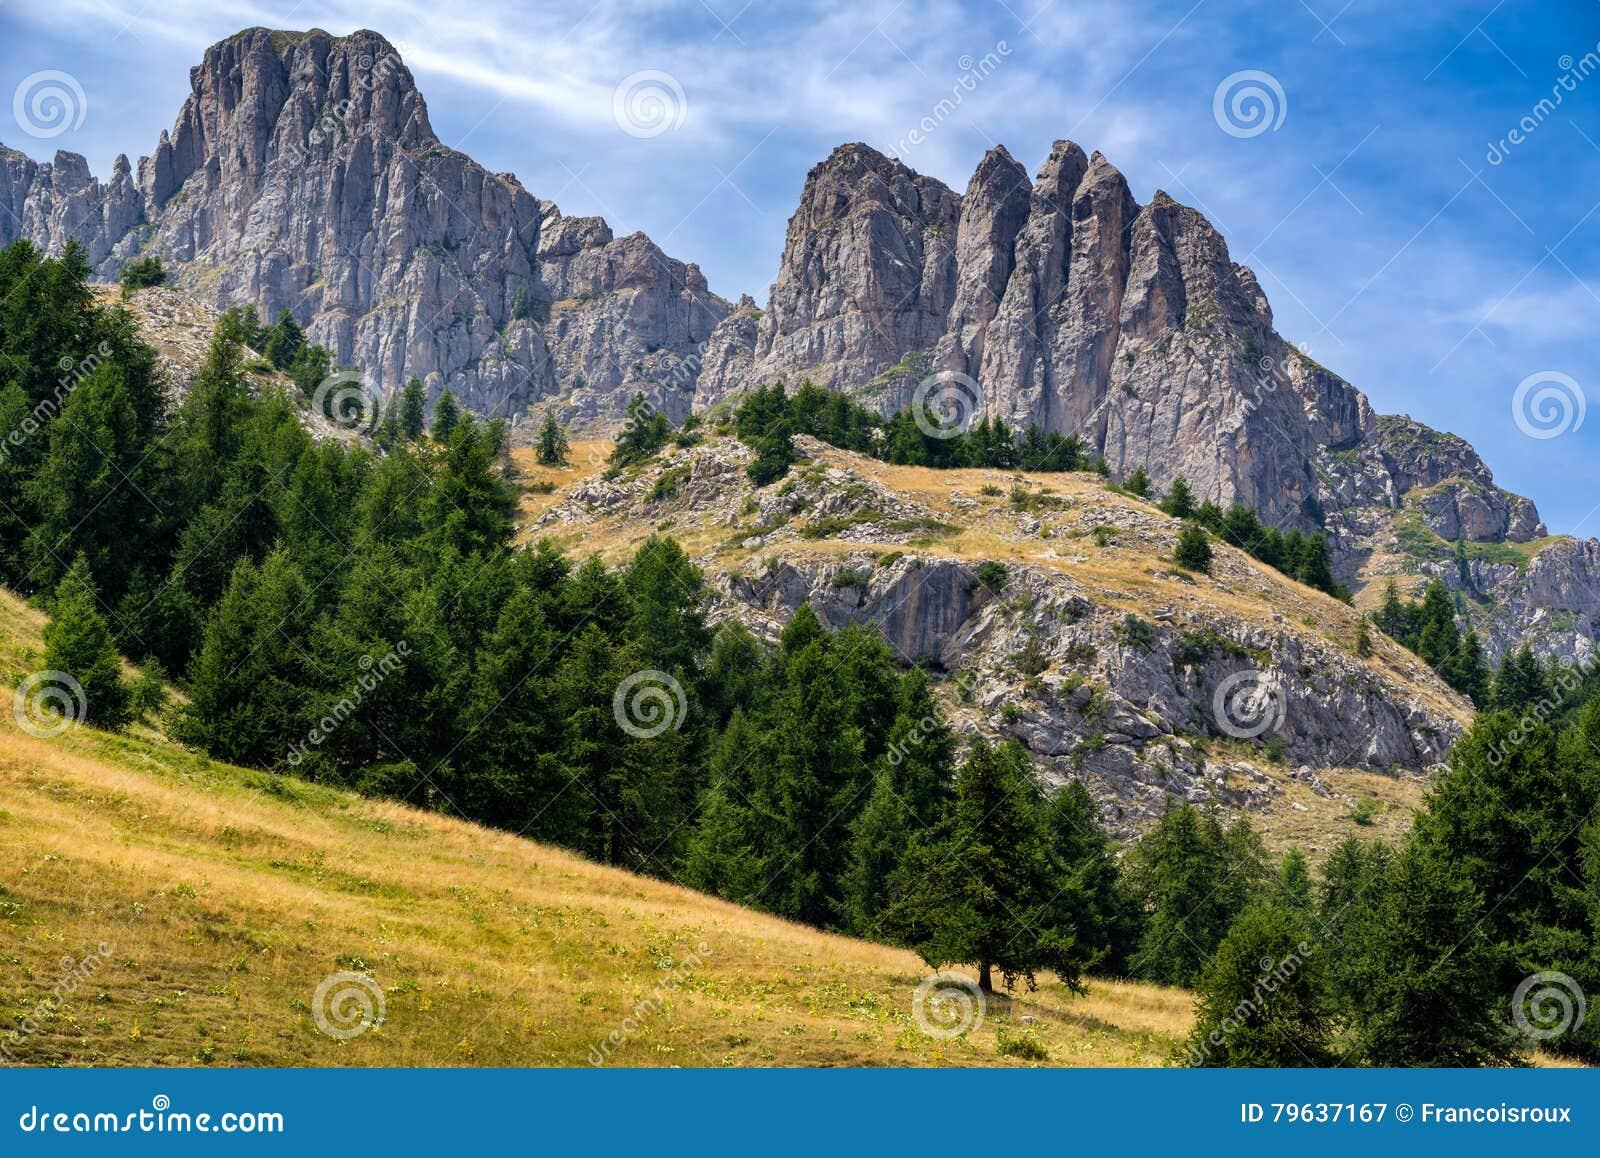 Aiguilles de Chabrieres enarbola en el verano, montañas meridionales, Francia